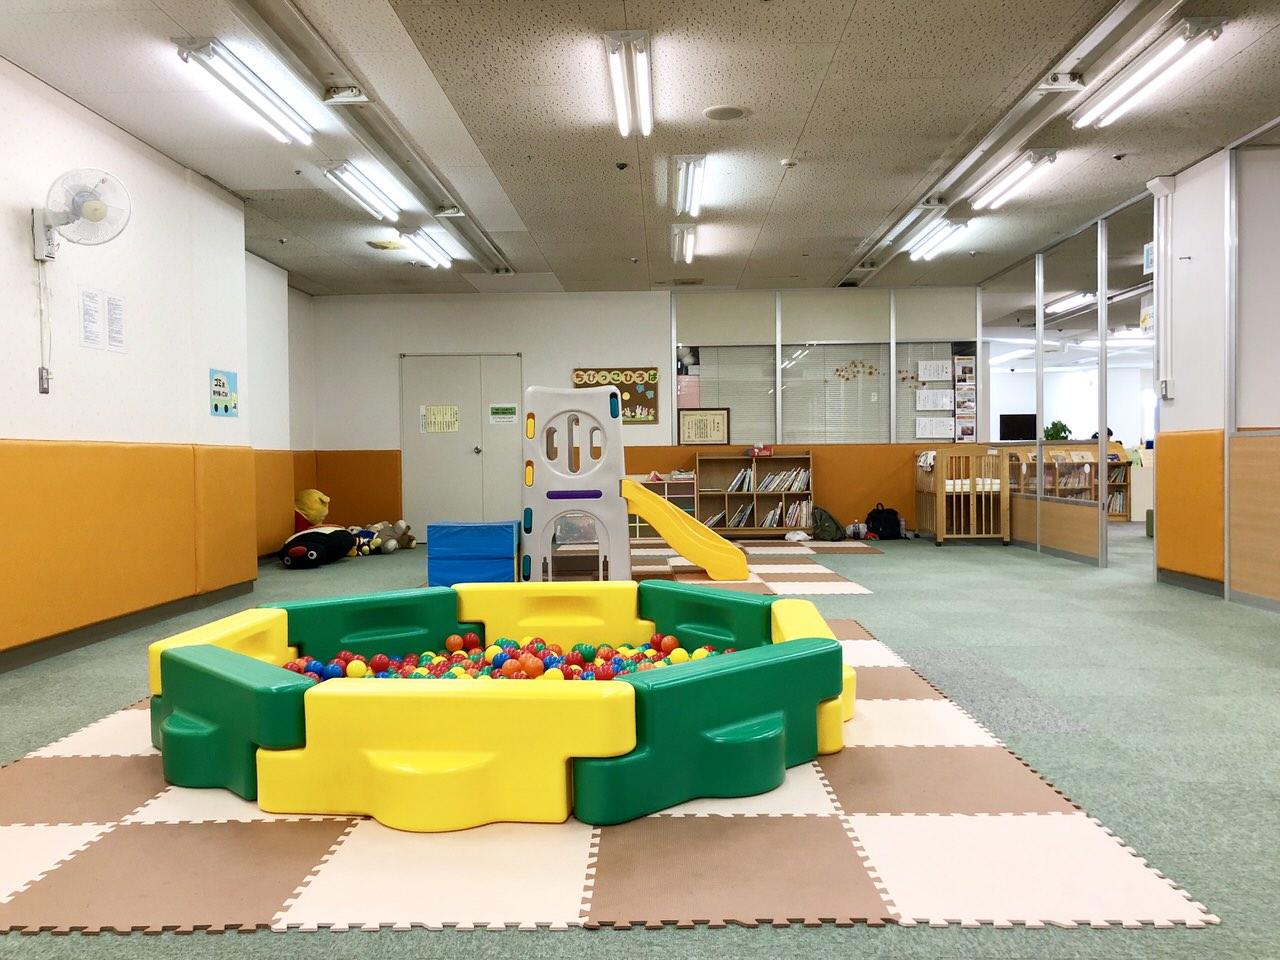 にぎわいプラザ子育て支援センターの幼児遊びの広場